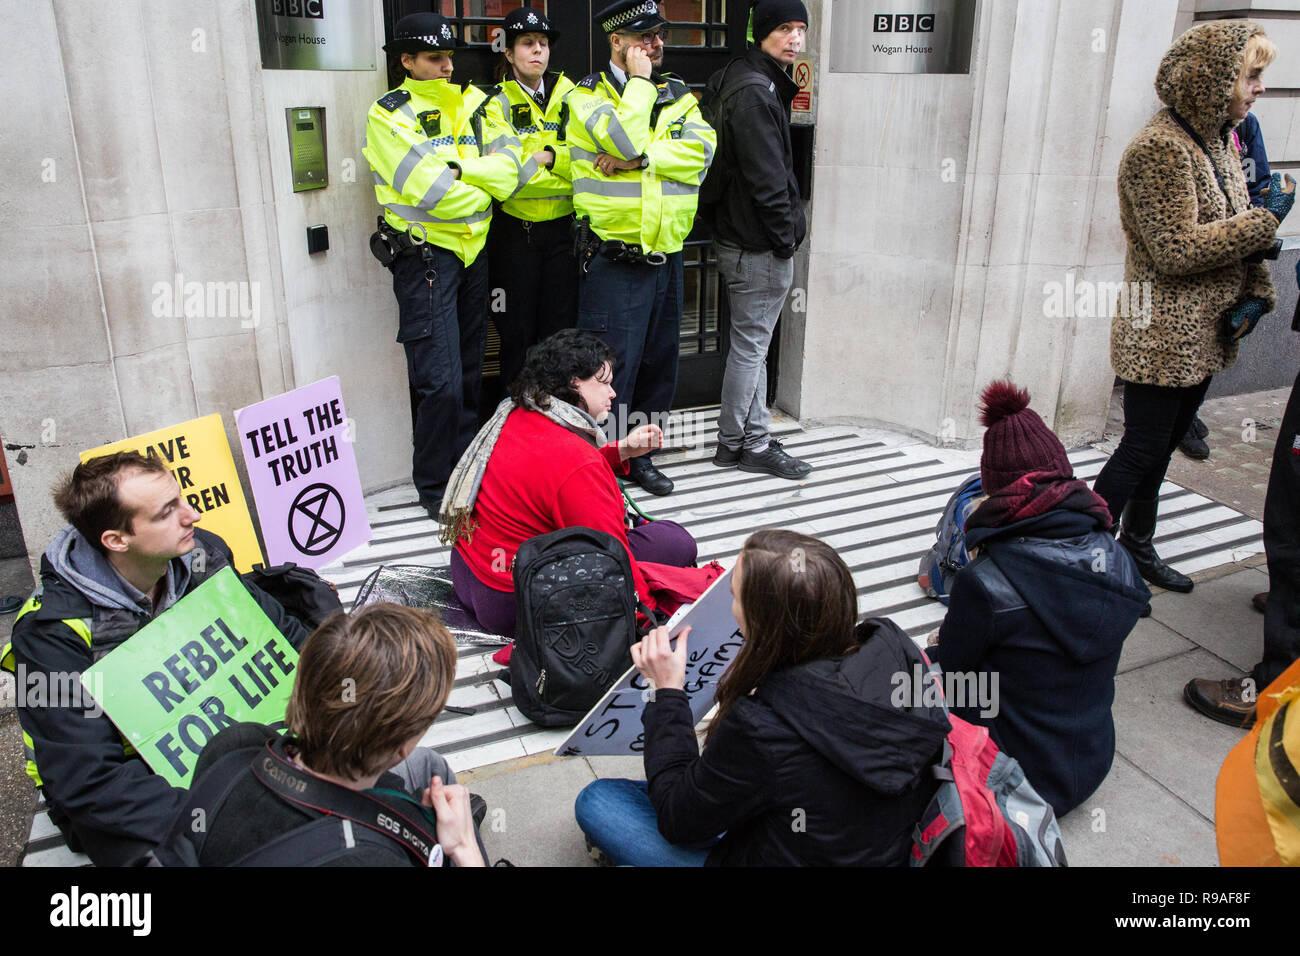 Londres, Royaume-Uni. 21 Décembre, 2018. Les défenseurs de l'extinction de l'étape de la rébellion d'une manifestation devant les locaux de la BBC pour protester contre le manque de couverture de la crise des changements climatiques. Credit: Mark Kerrison/Alamy Live News Photo Stock